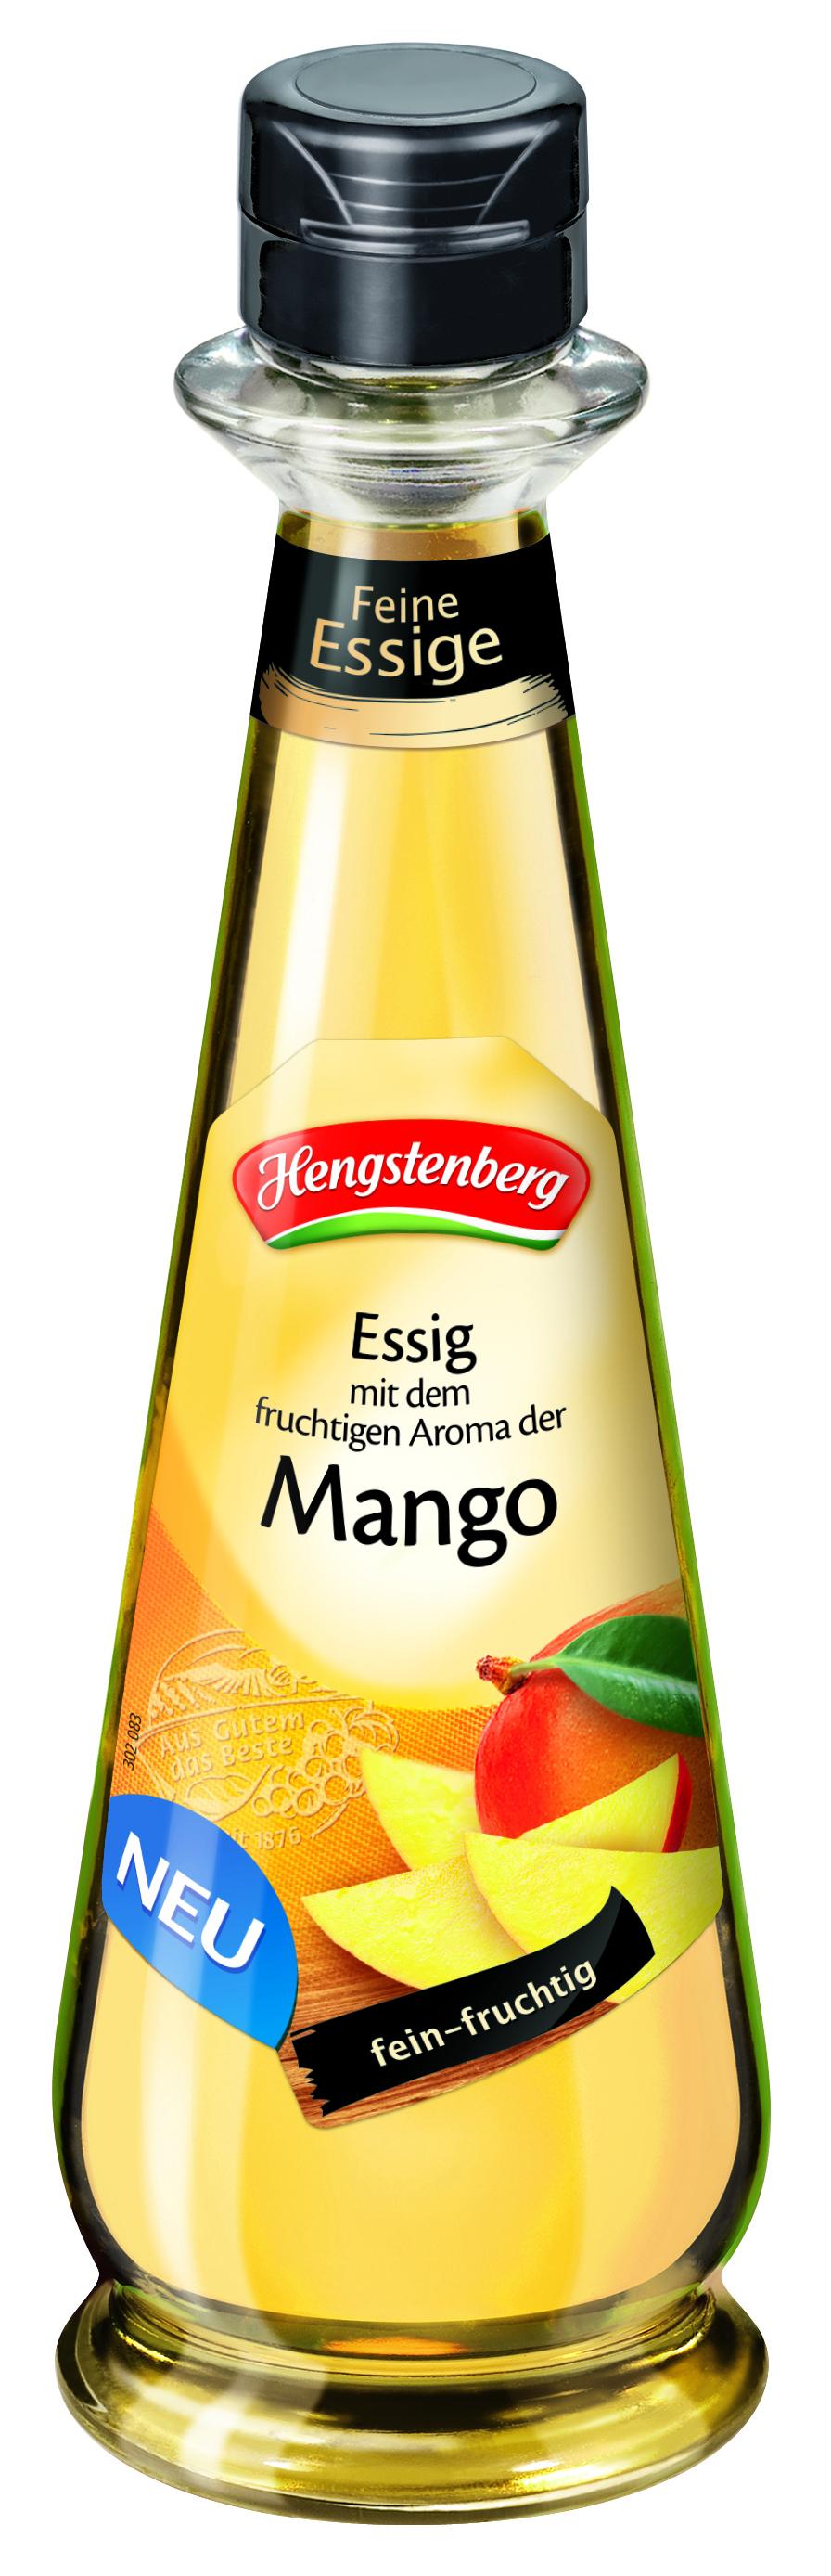 Hengstenberg Essig